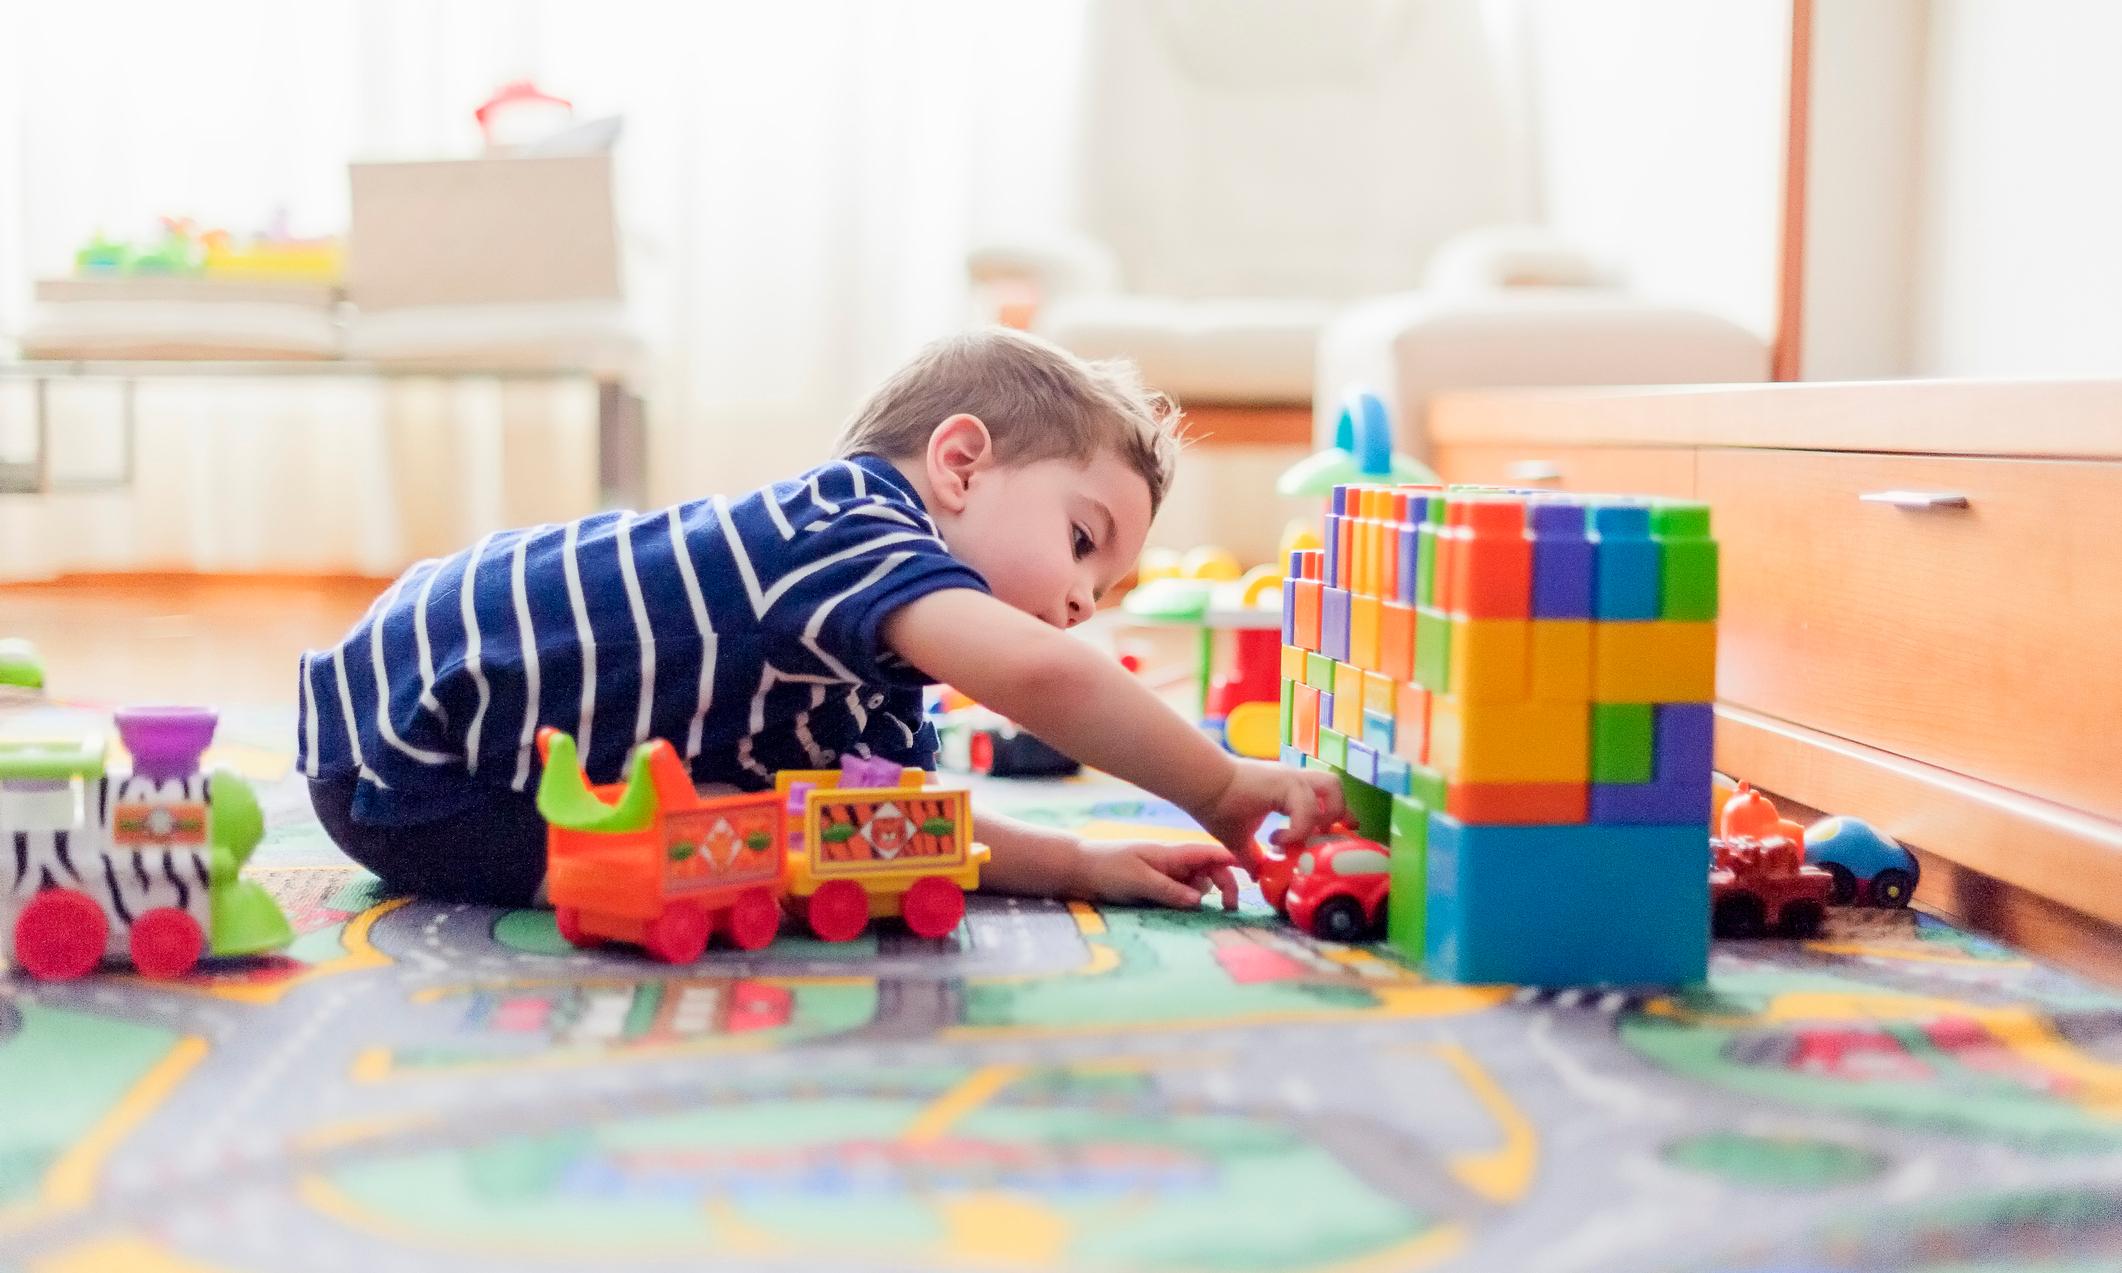 Чем занять ребенка: 24 идеи для игр в одиночку